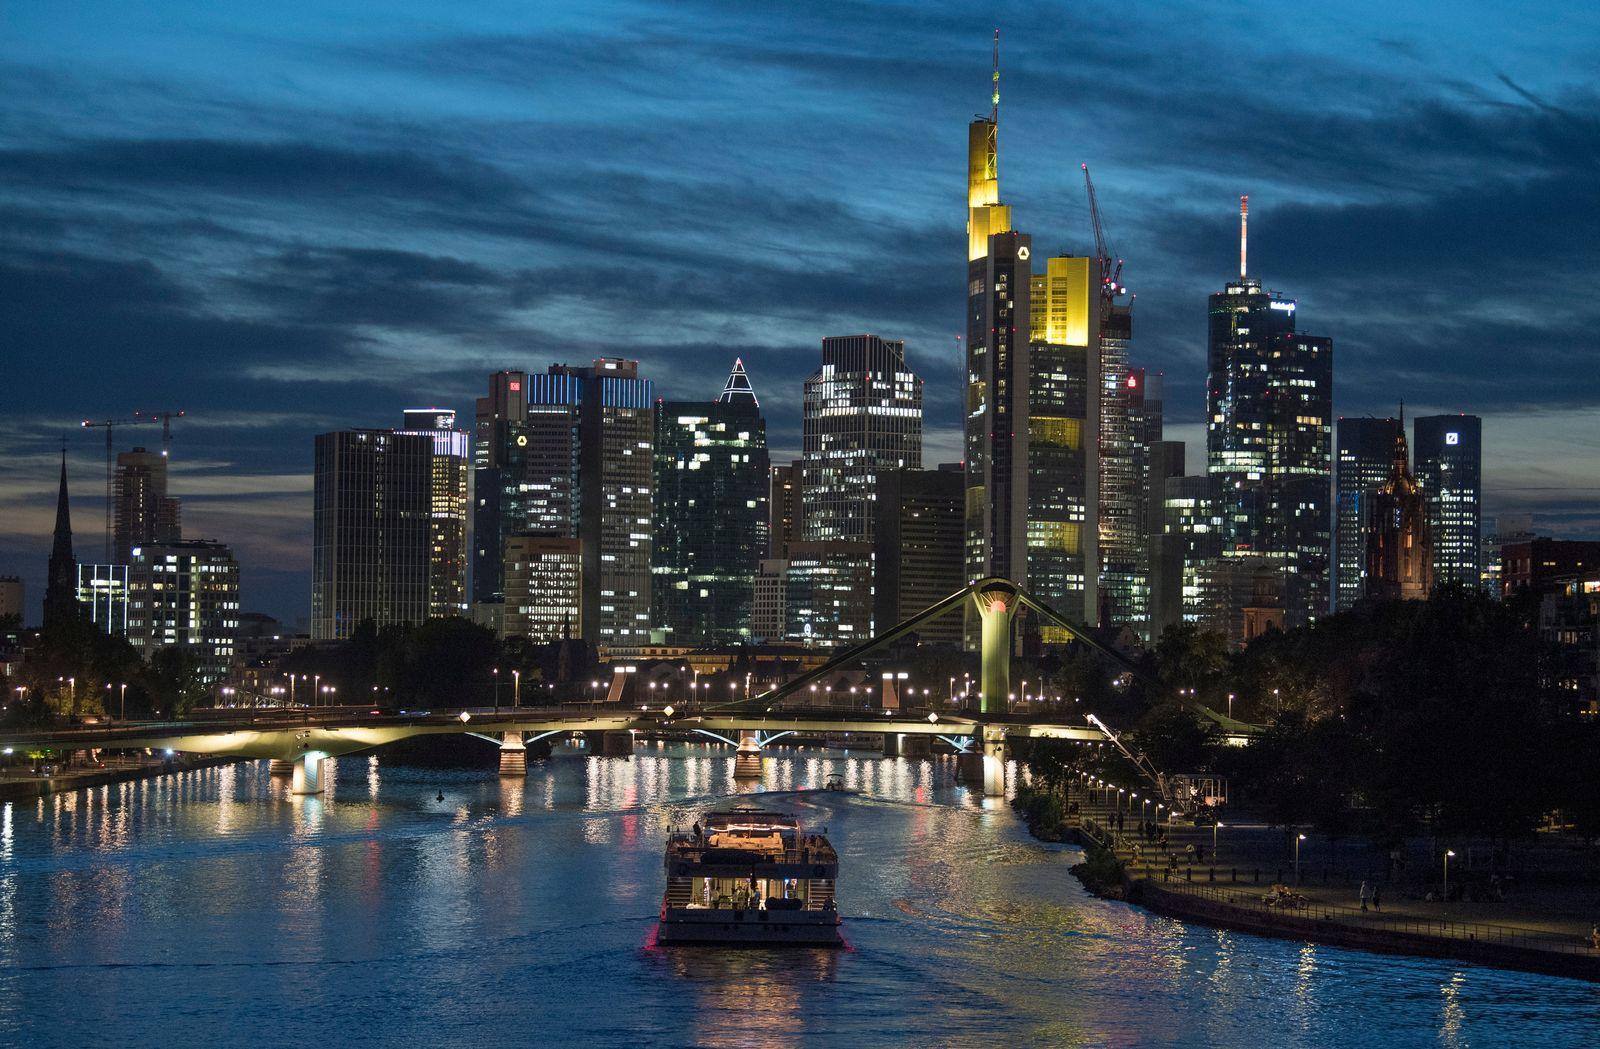 Frankfurt-Serie bei Netflix startet am 27. September